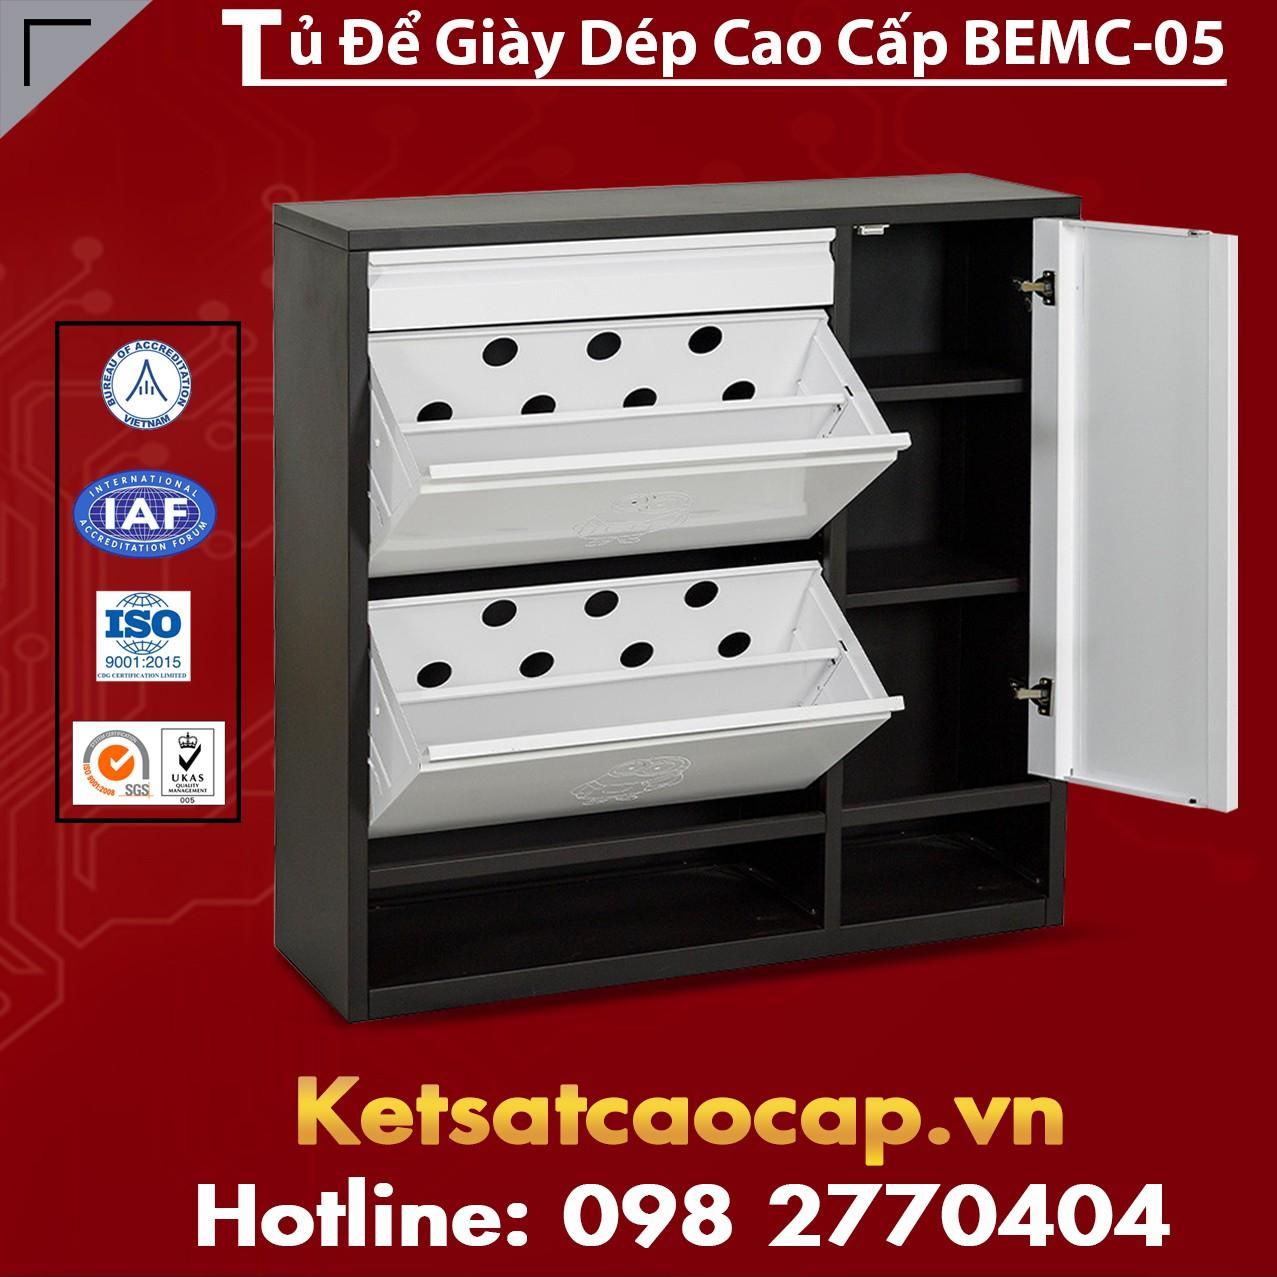 Tủ Để Giày Dép Cao Cấp BEMC-05